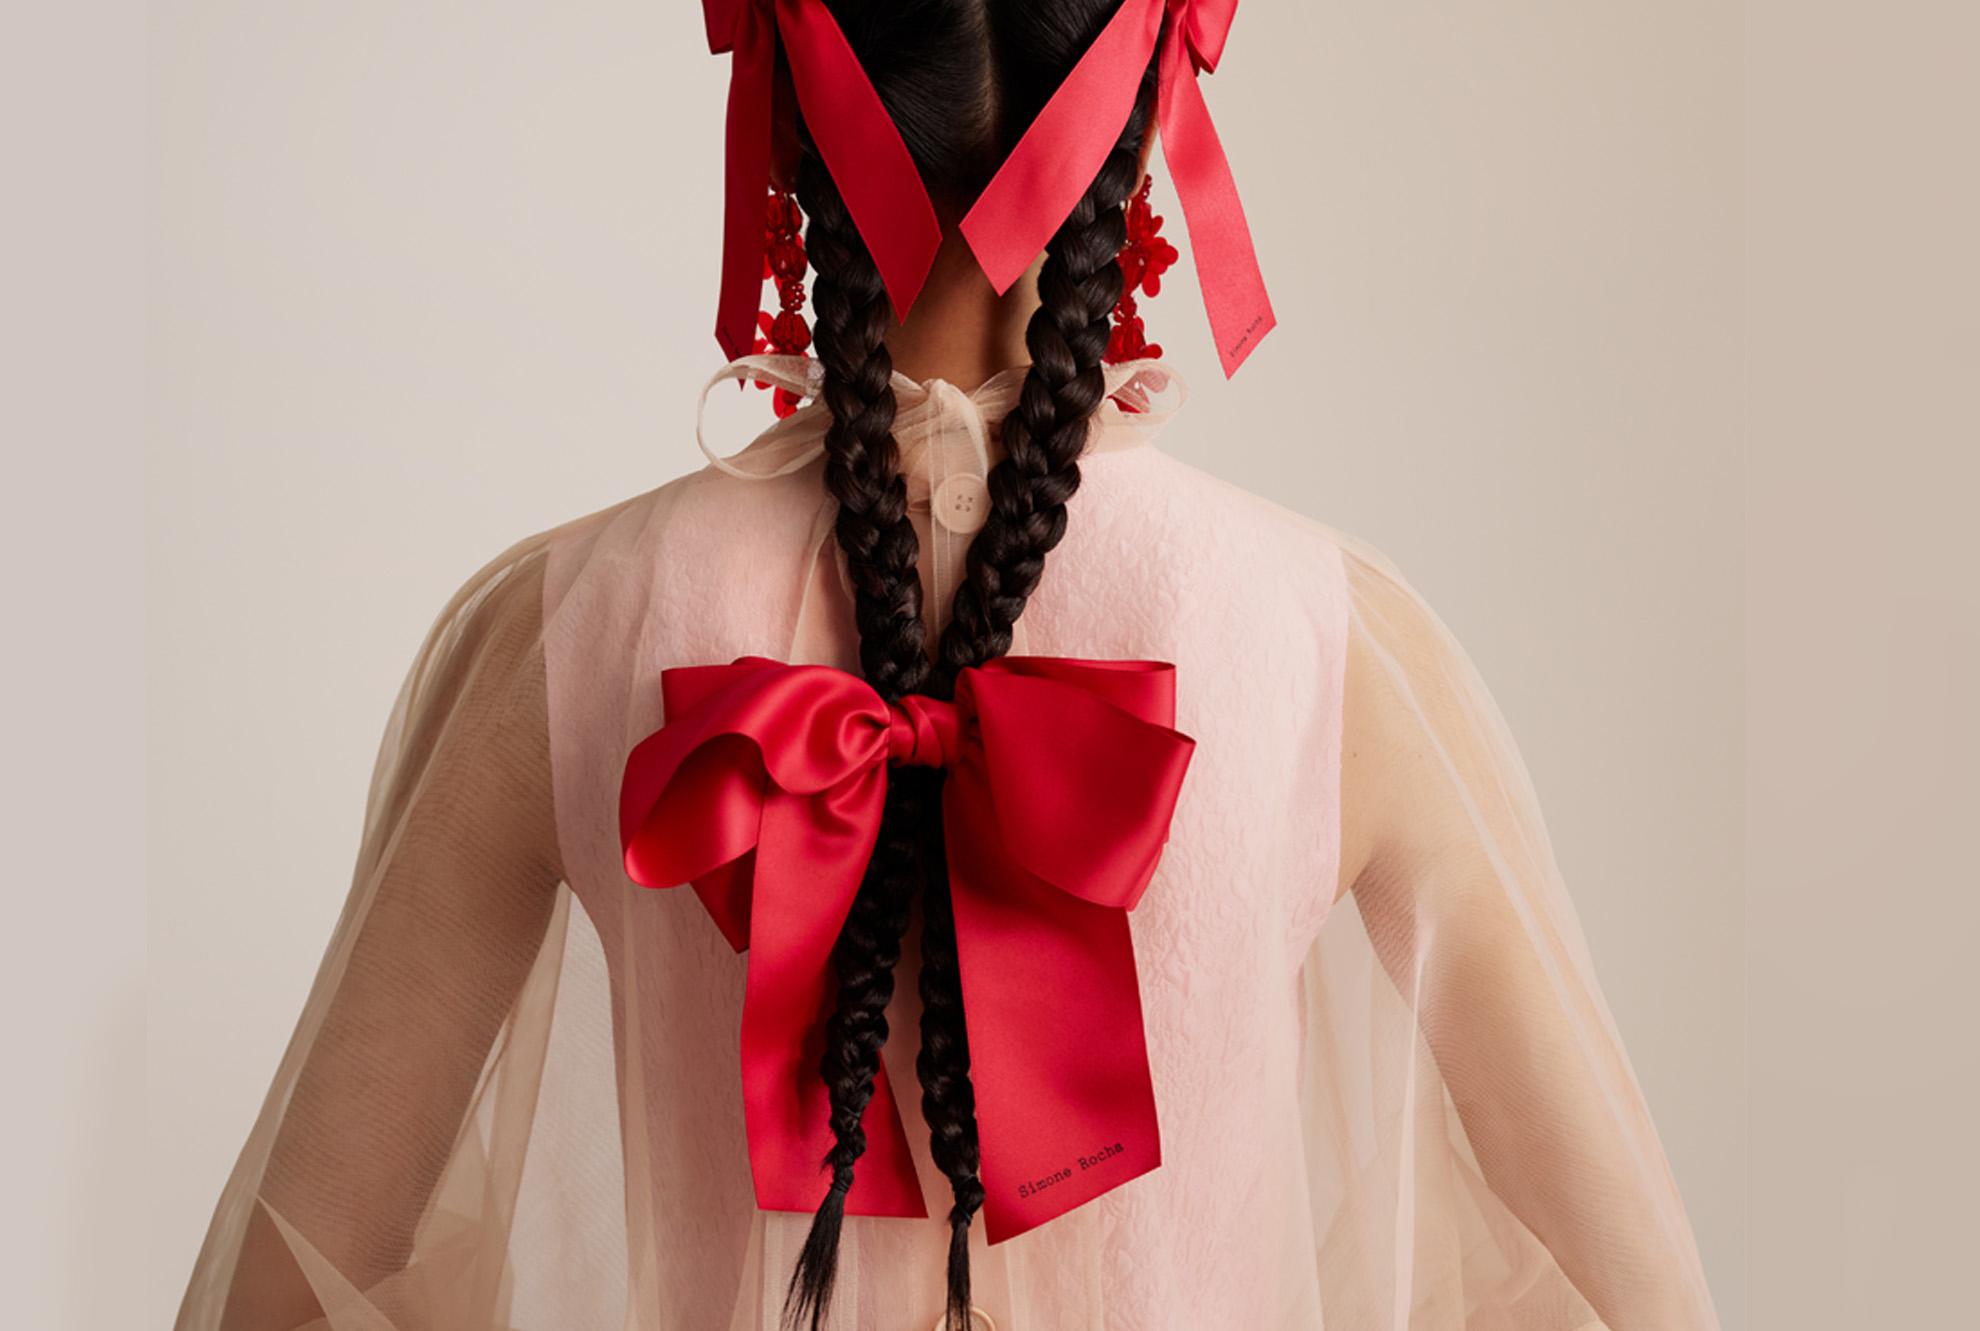 Simone Rocha x H&M: una collezione per trasformarsi in magnifiche principesse.